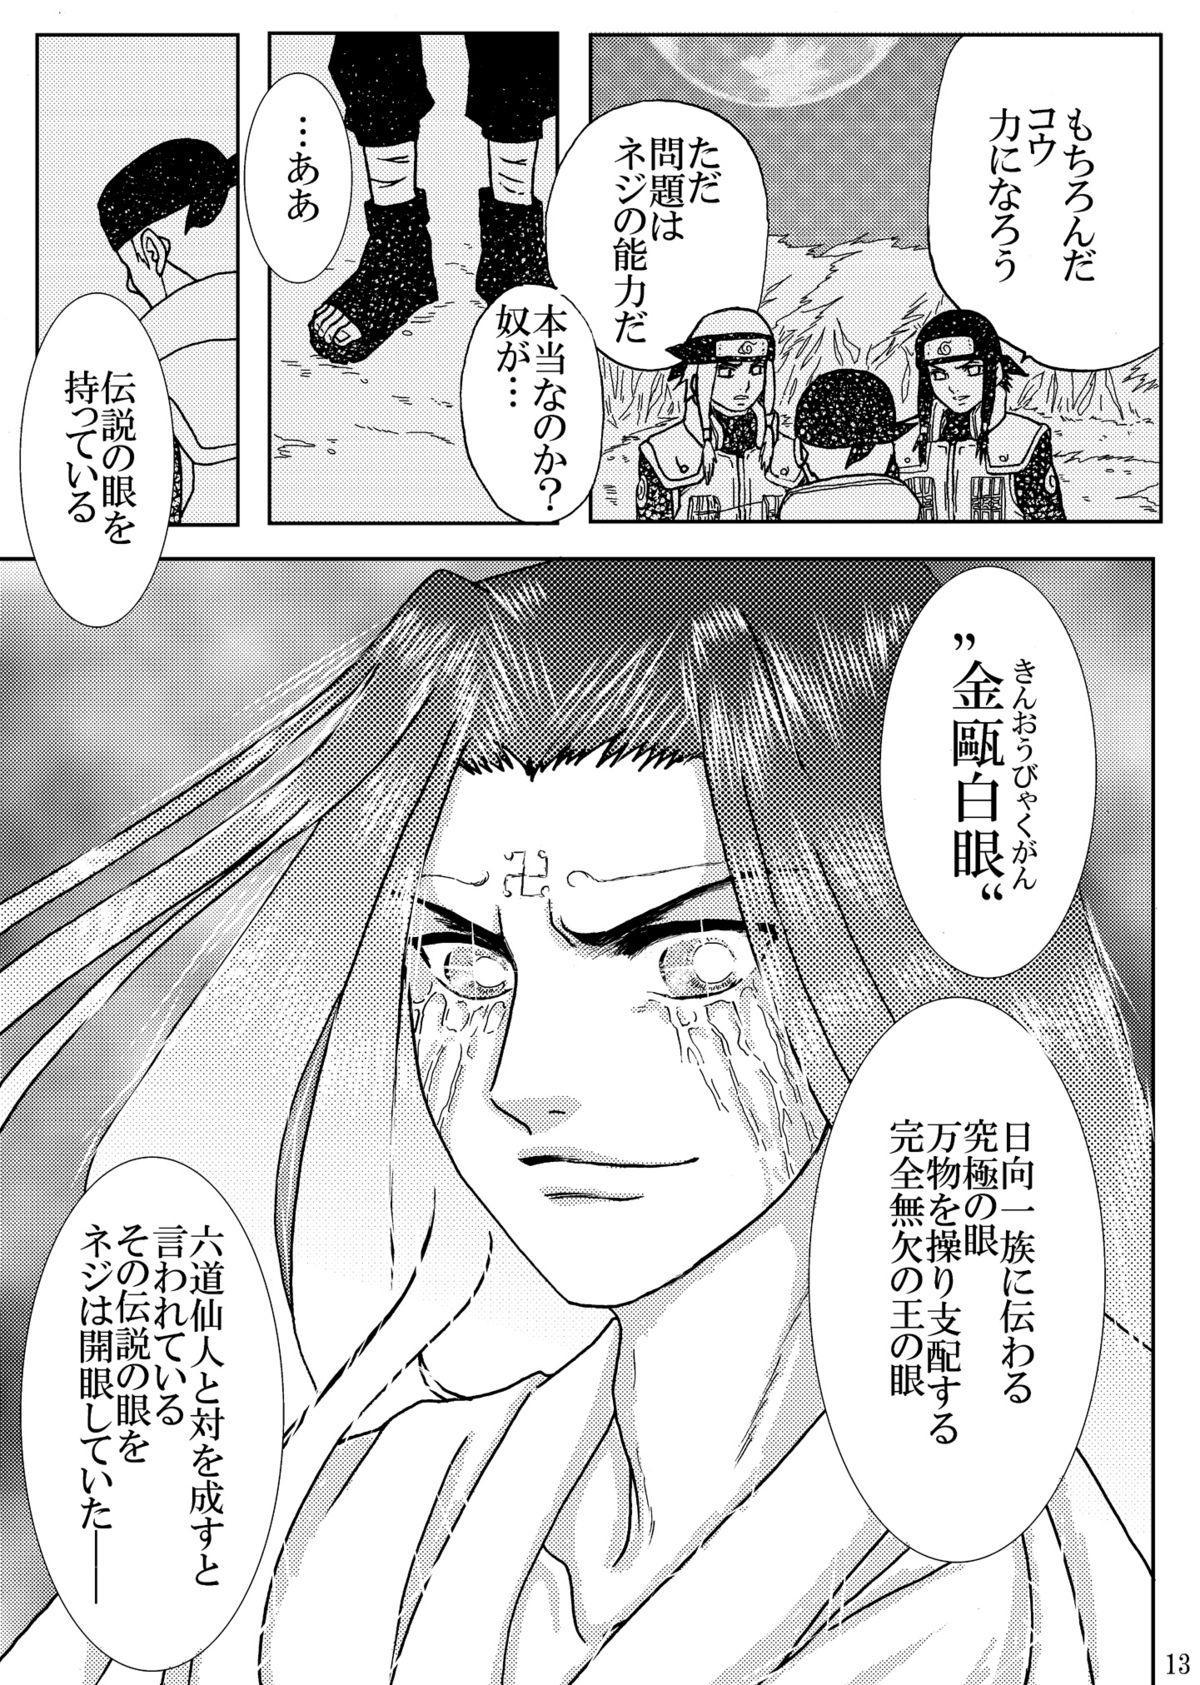 Hi Oku Saishuushou 11